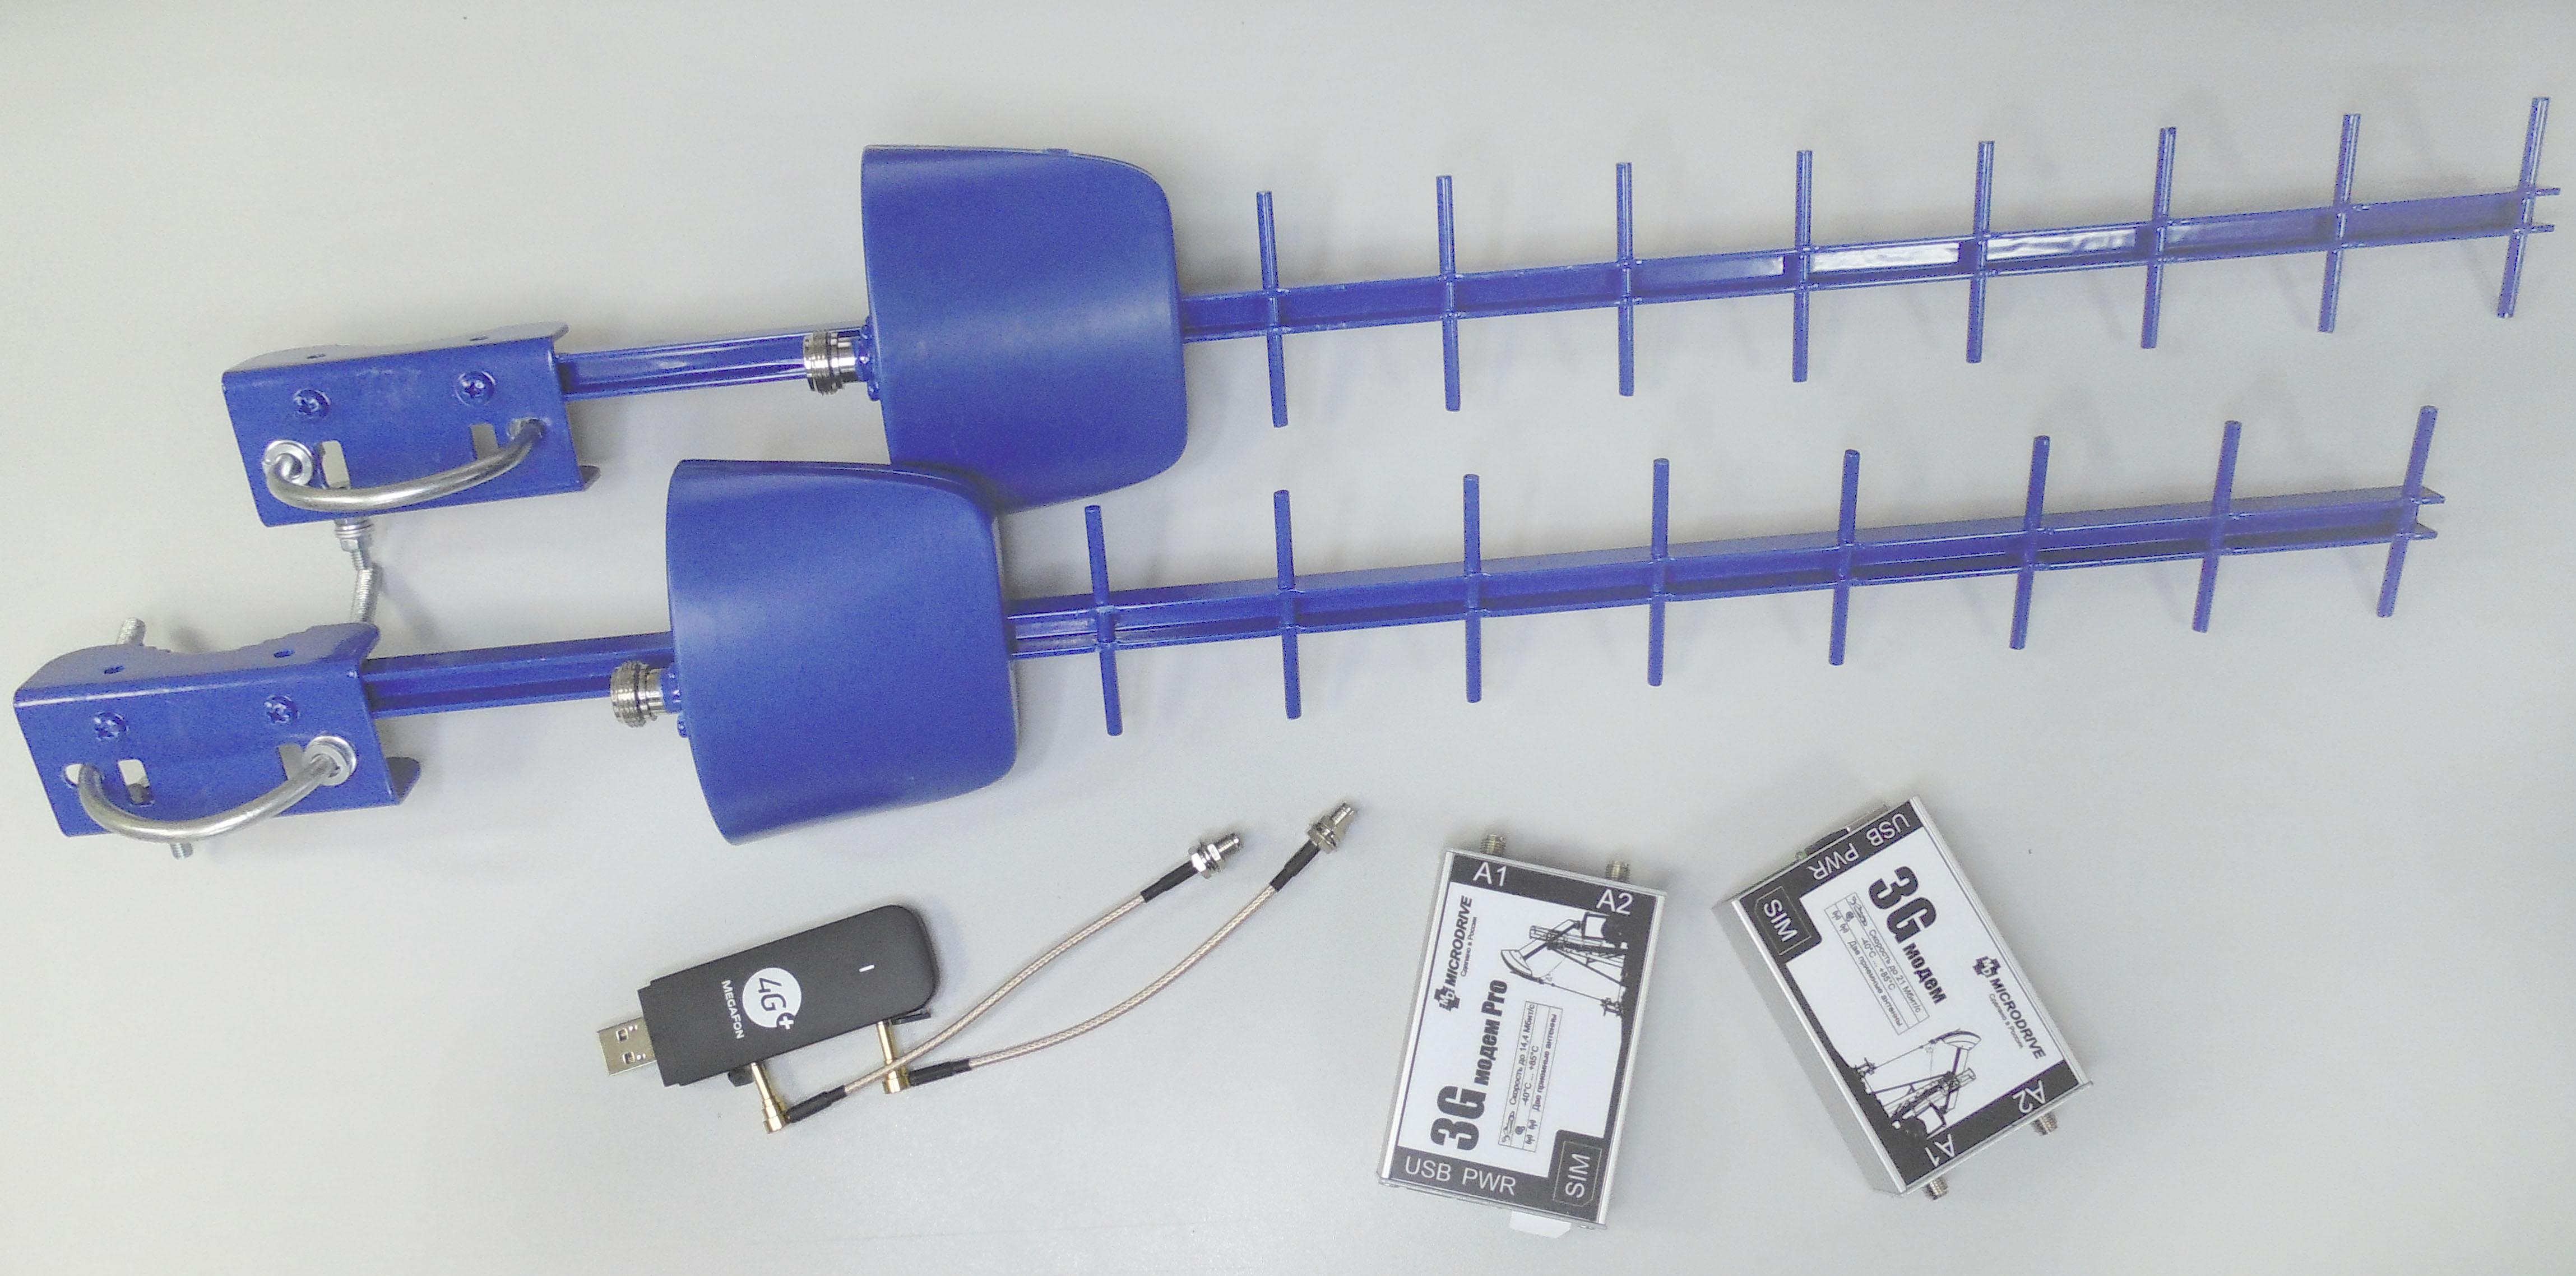 Антенна для lte / 3g usb-модемов рэмо чегет 3g / 4g — купить, цена и характеристики, отзывы